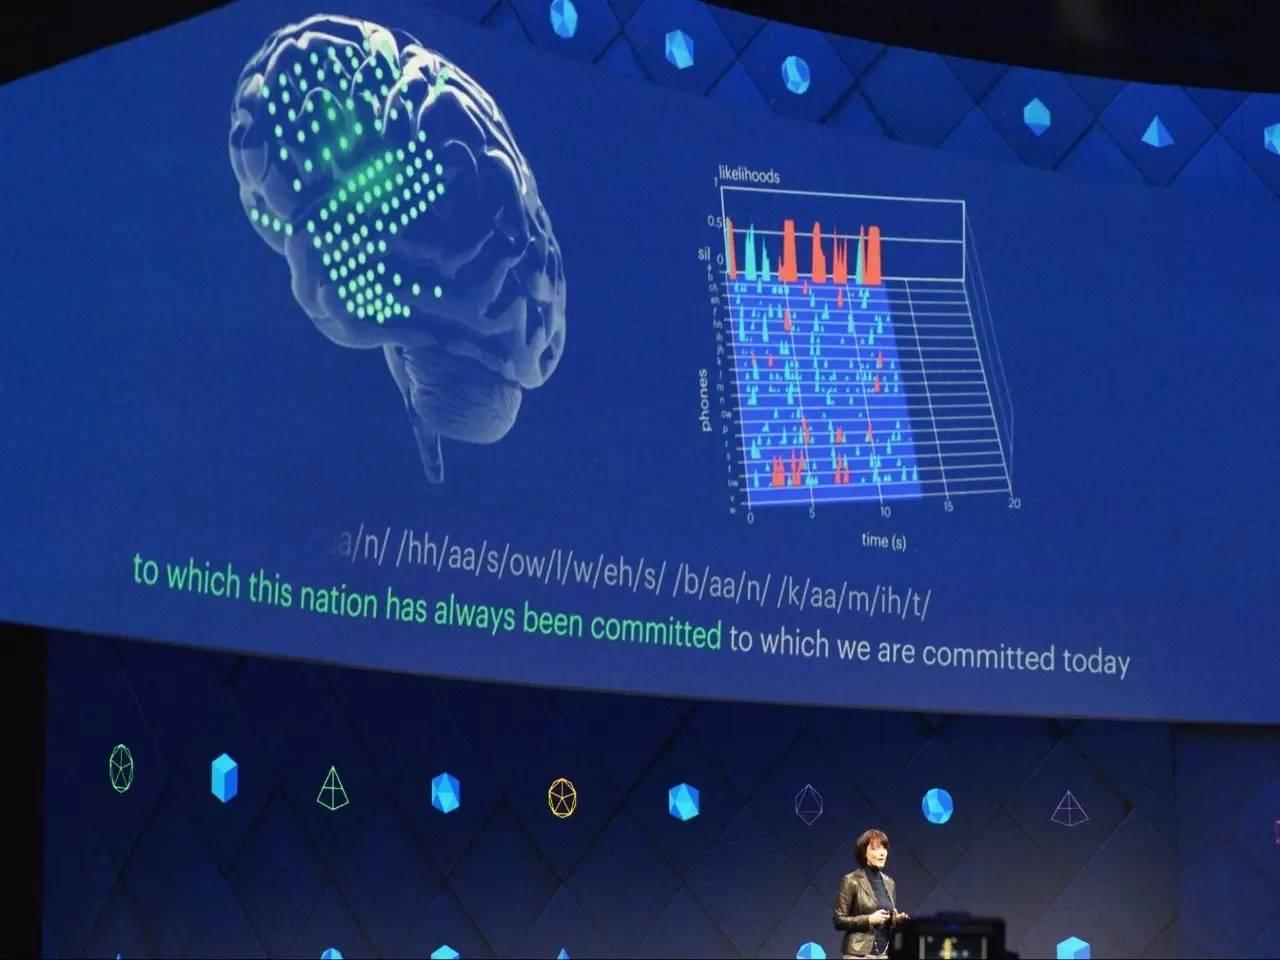 意识上传芯片未来或许会成为现实 - 张庆瑞65 - 百纳袈裟